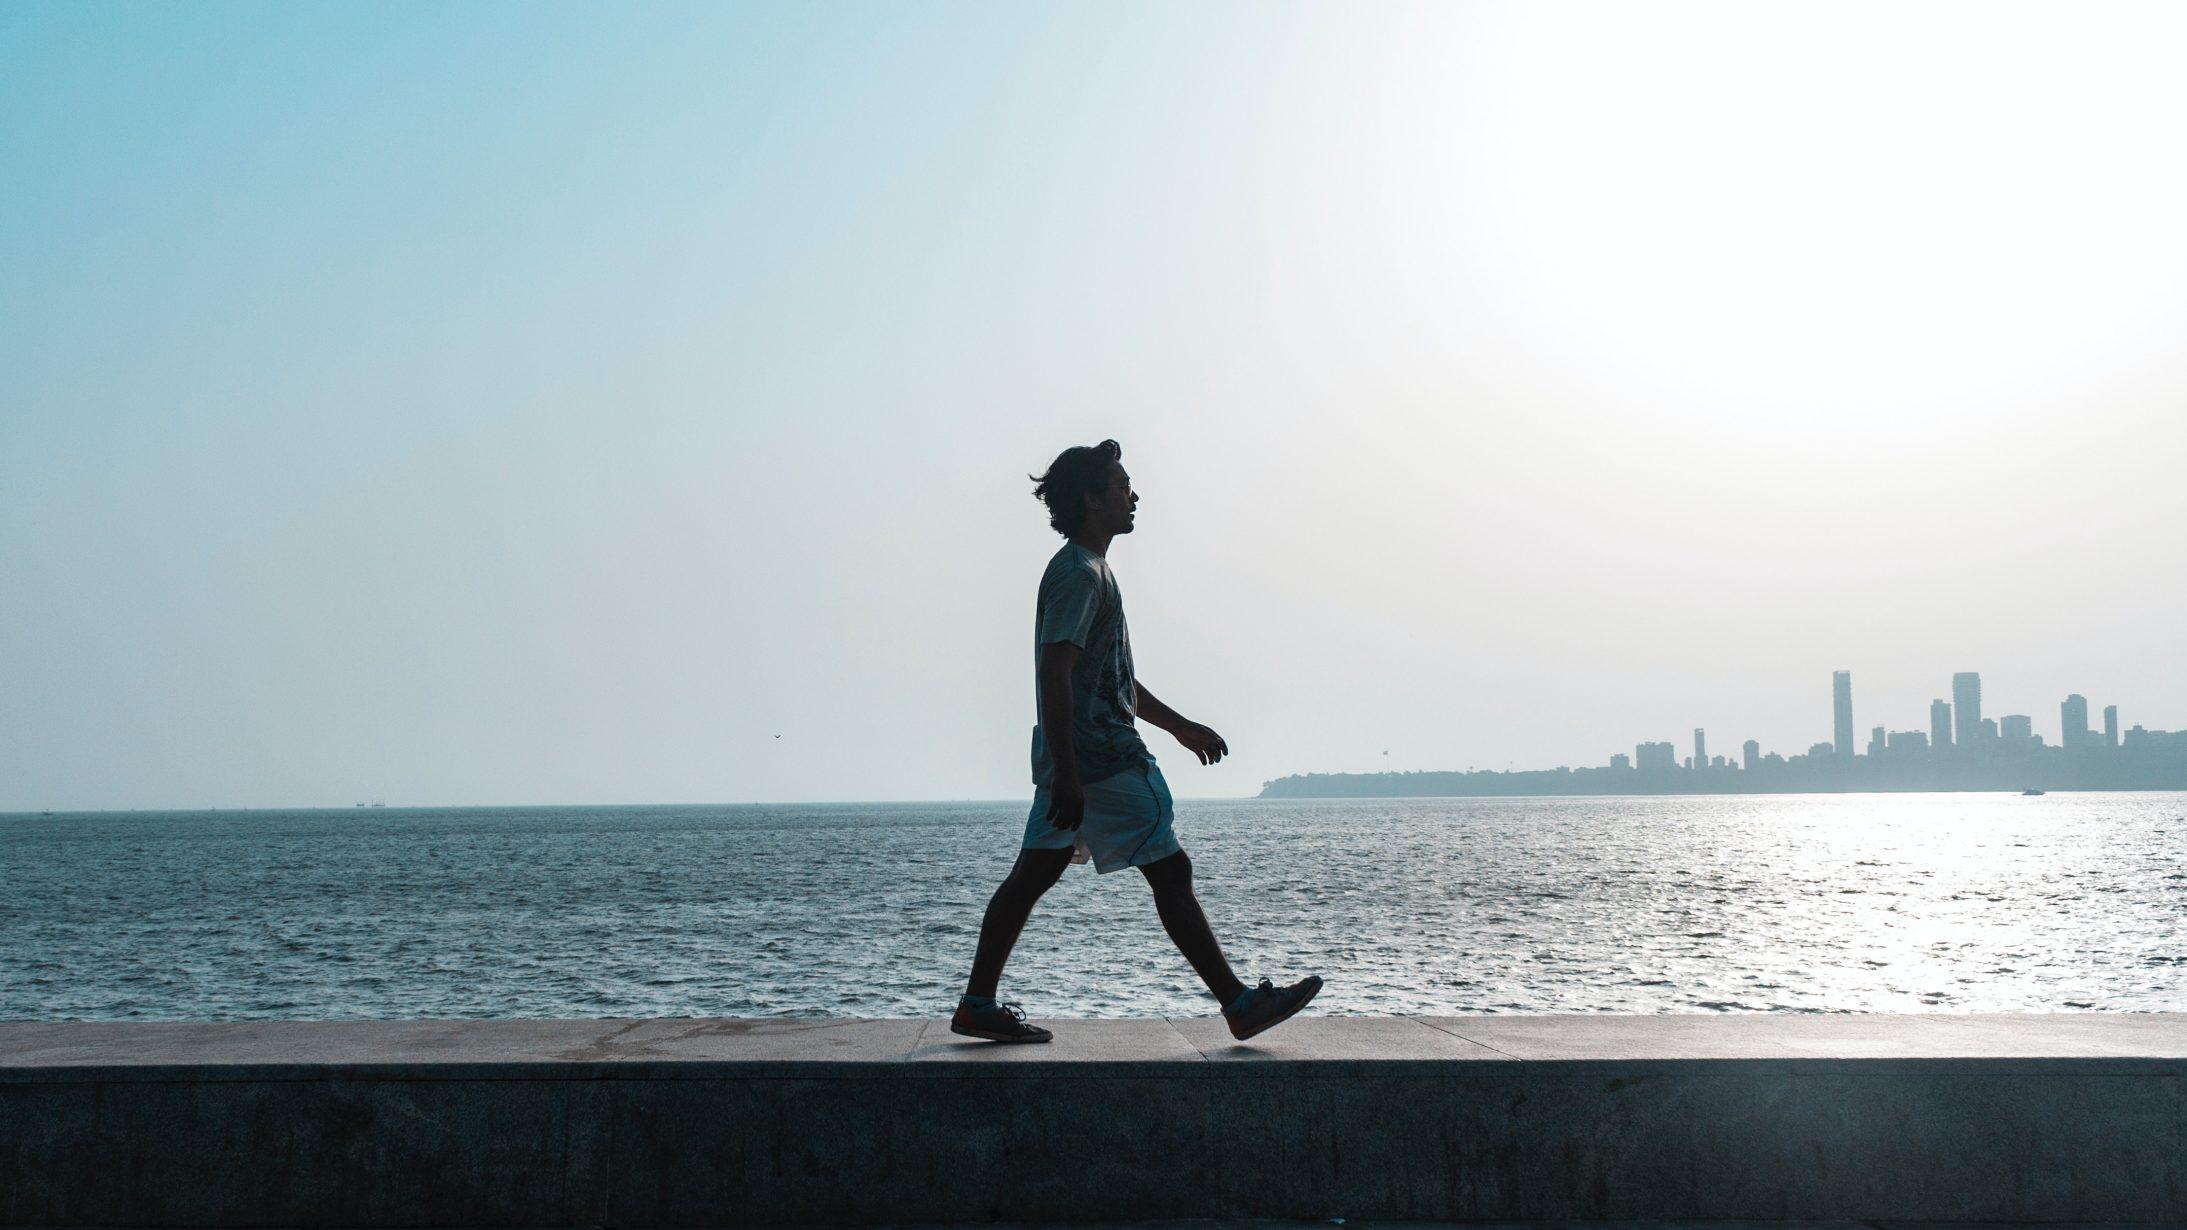 man-walking-near-body-of-water-1466852